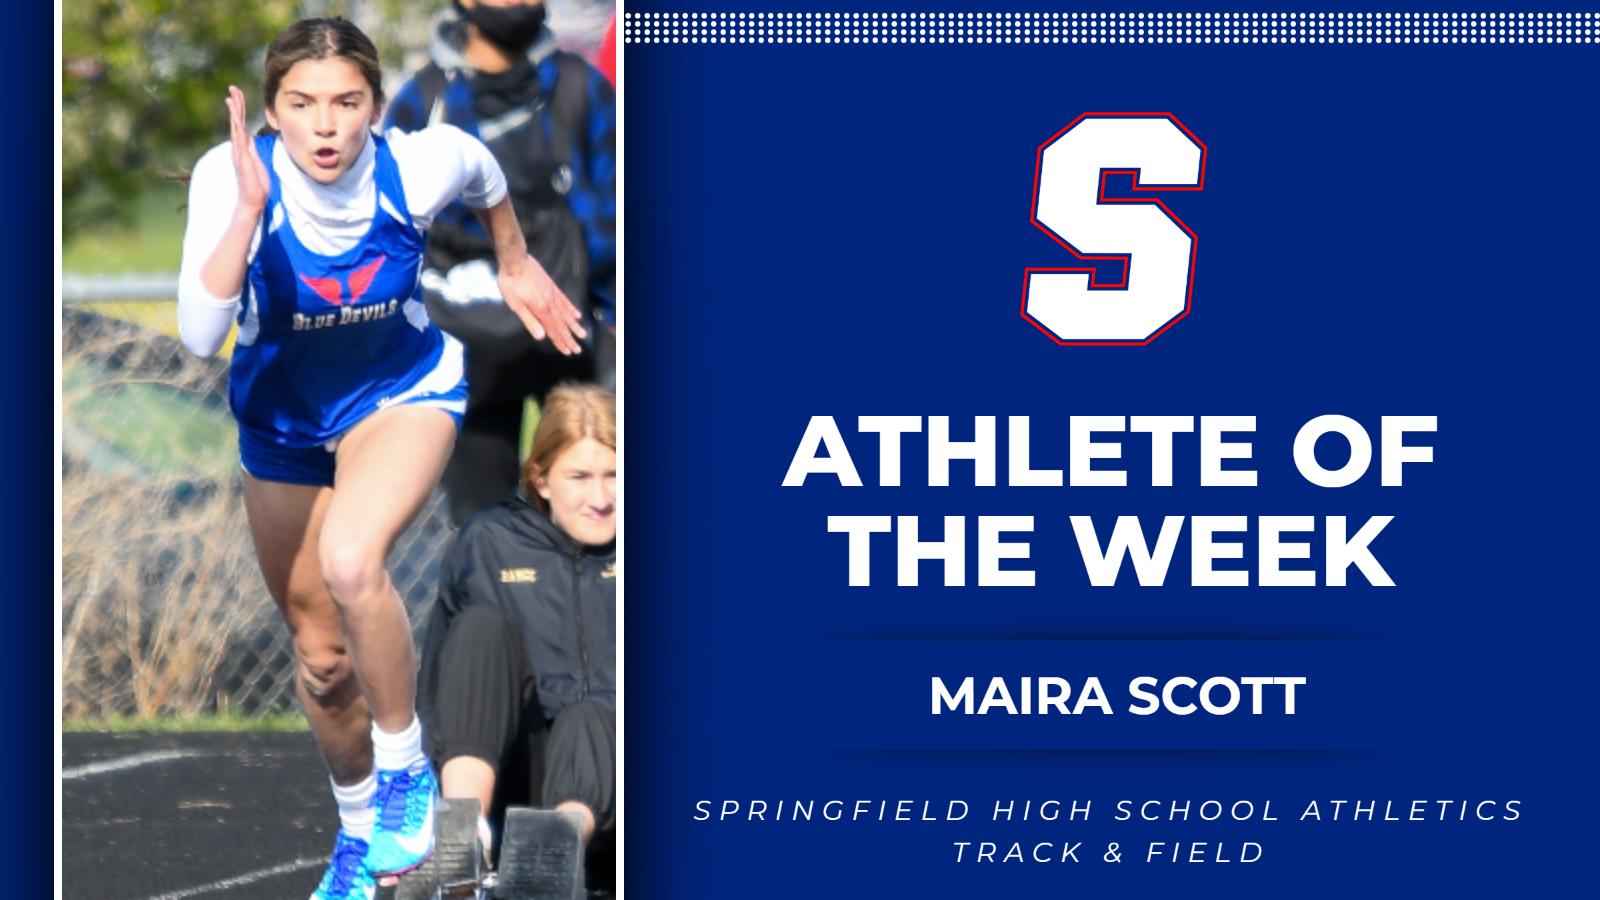 Athlete of the Week: Maira Scott